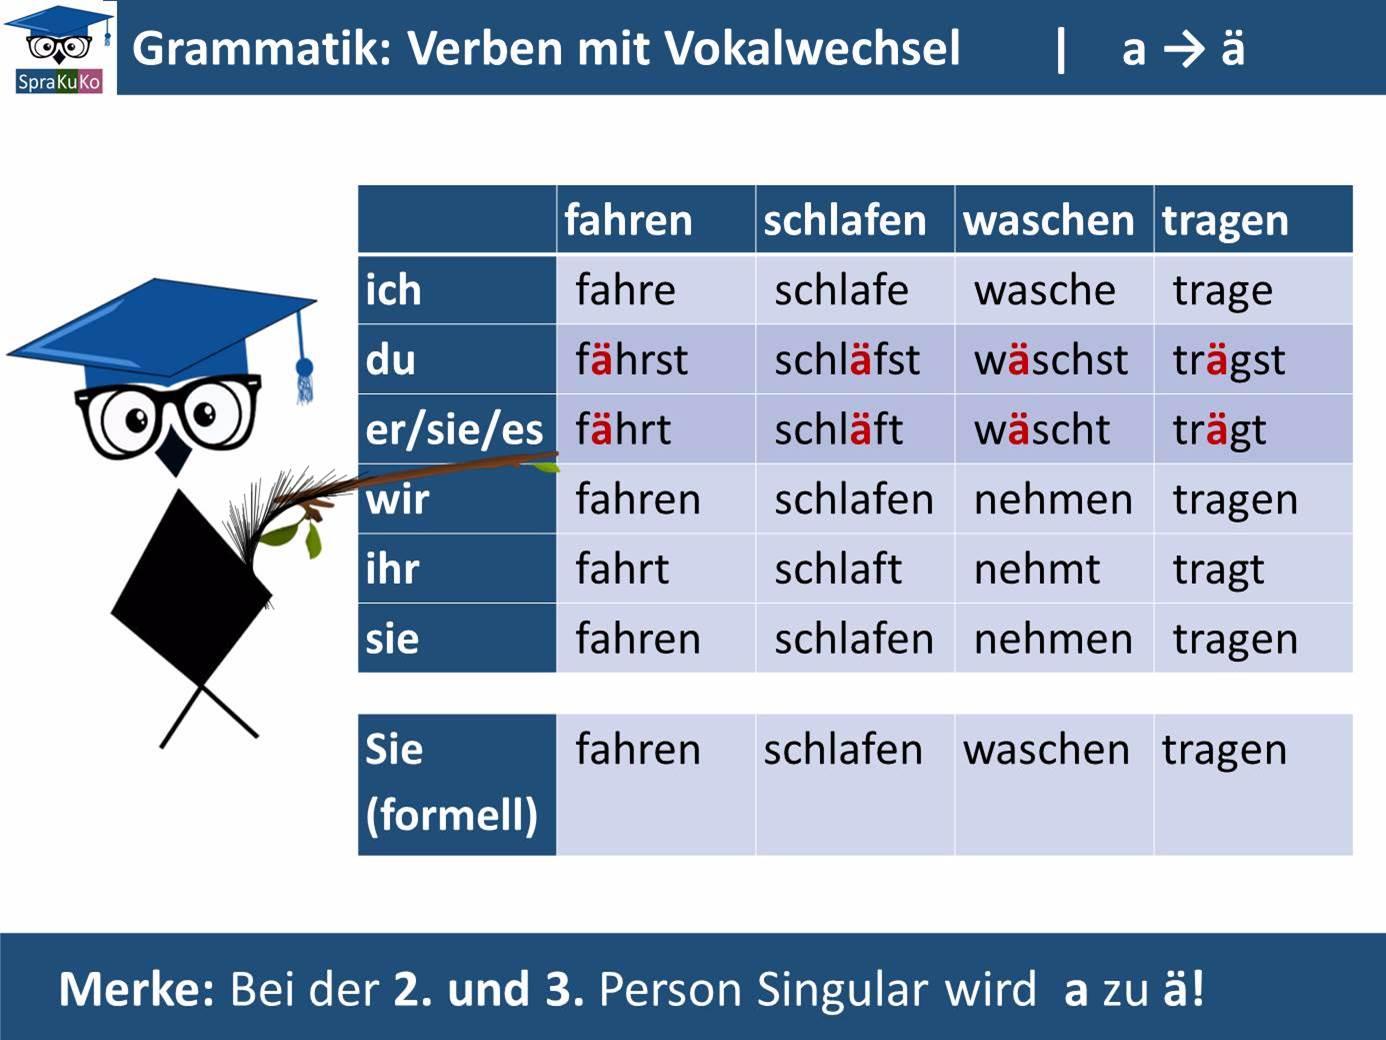 Verben mit Vokalwechsel (a zu ae)